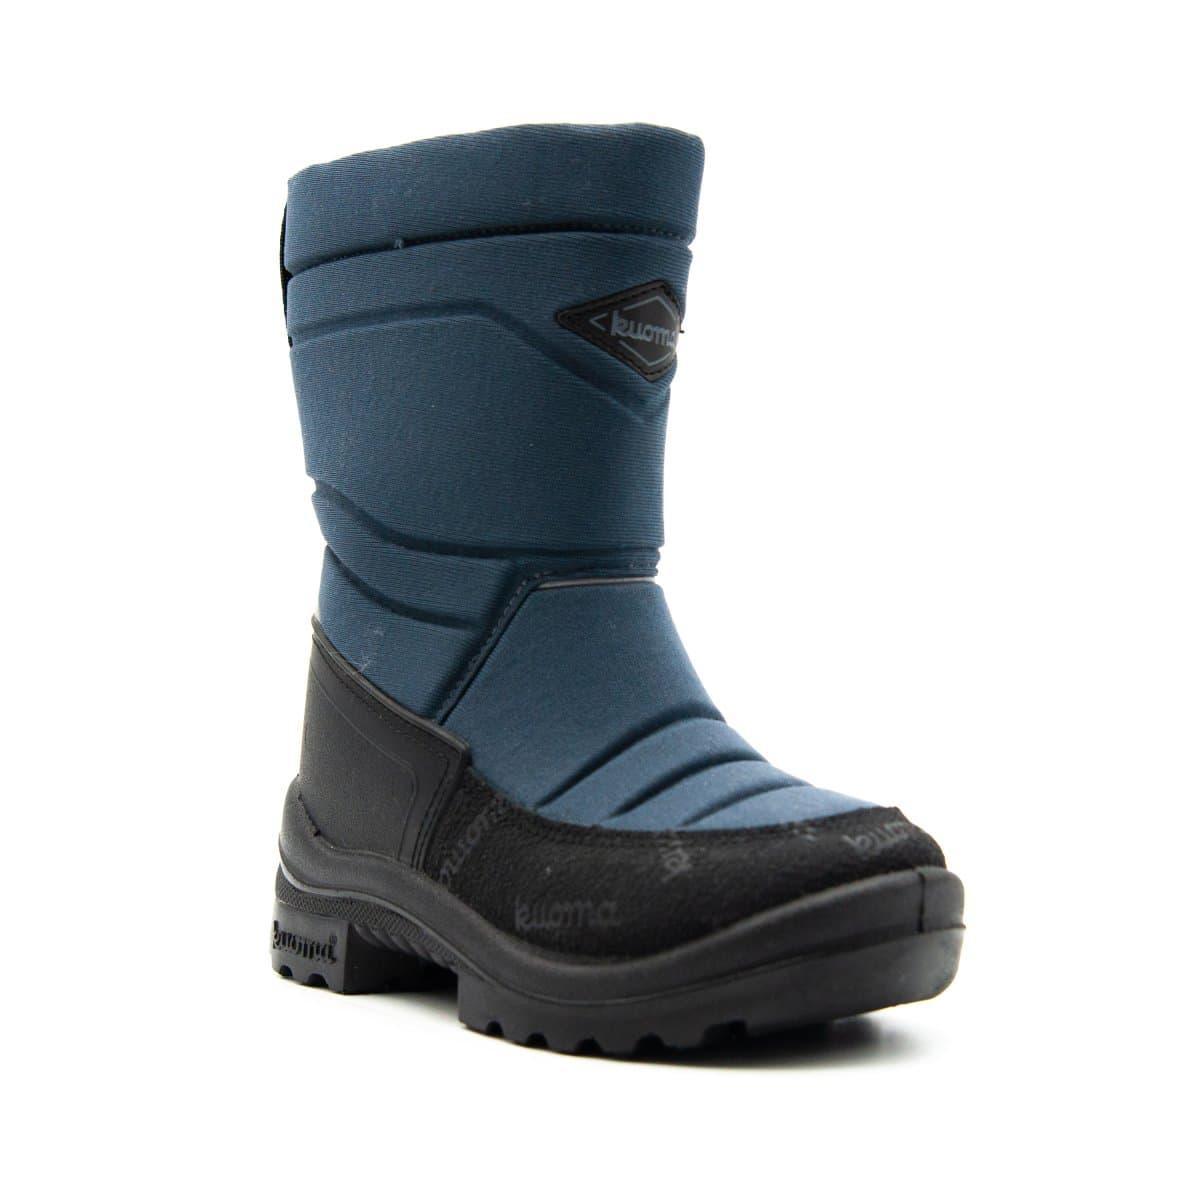 Обувь взрослая Putkivarsi, Grey